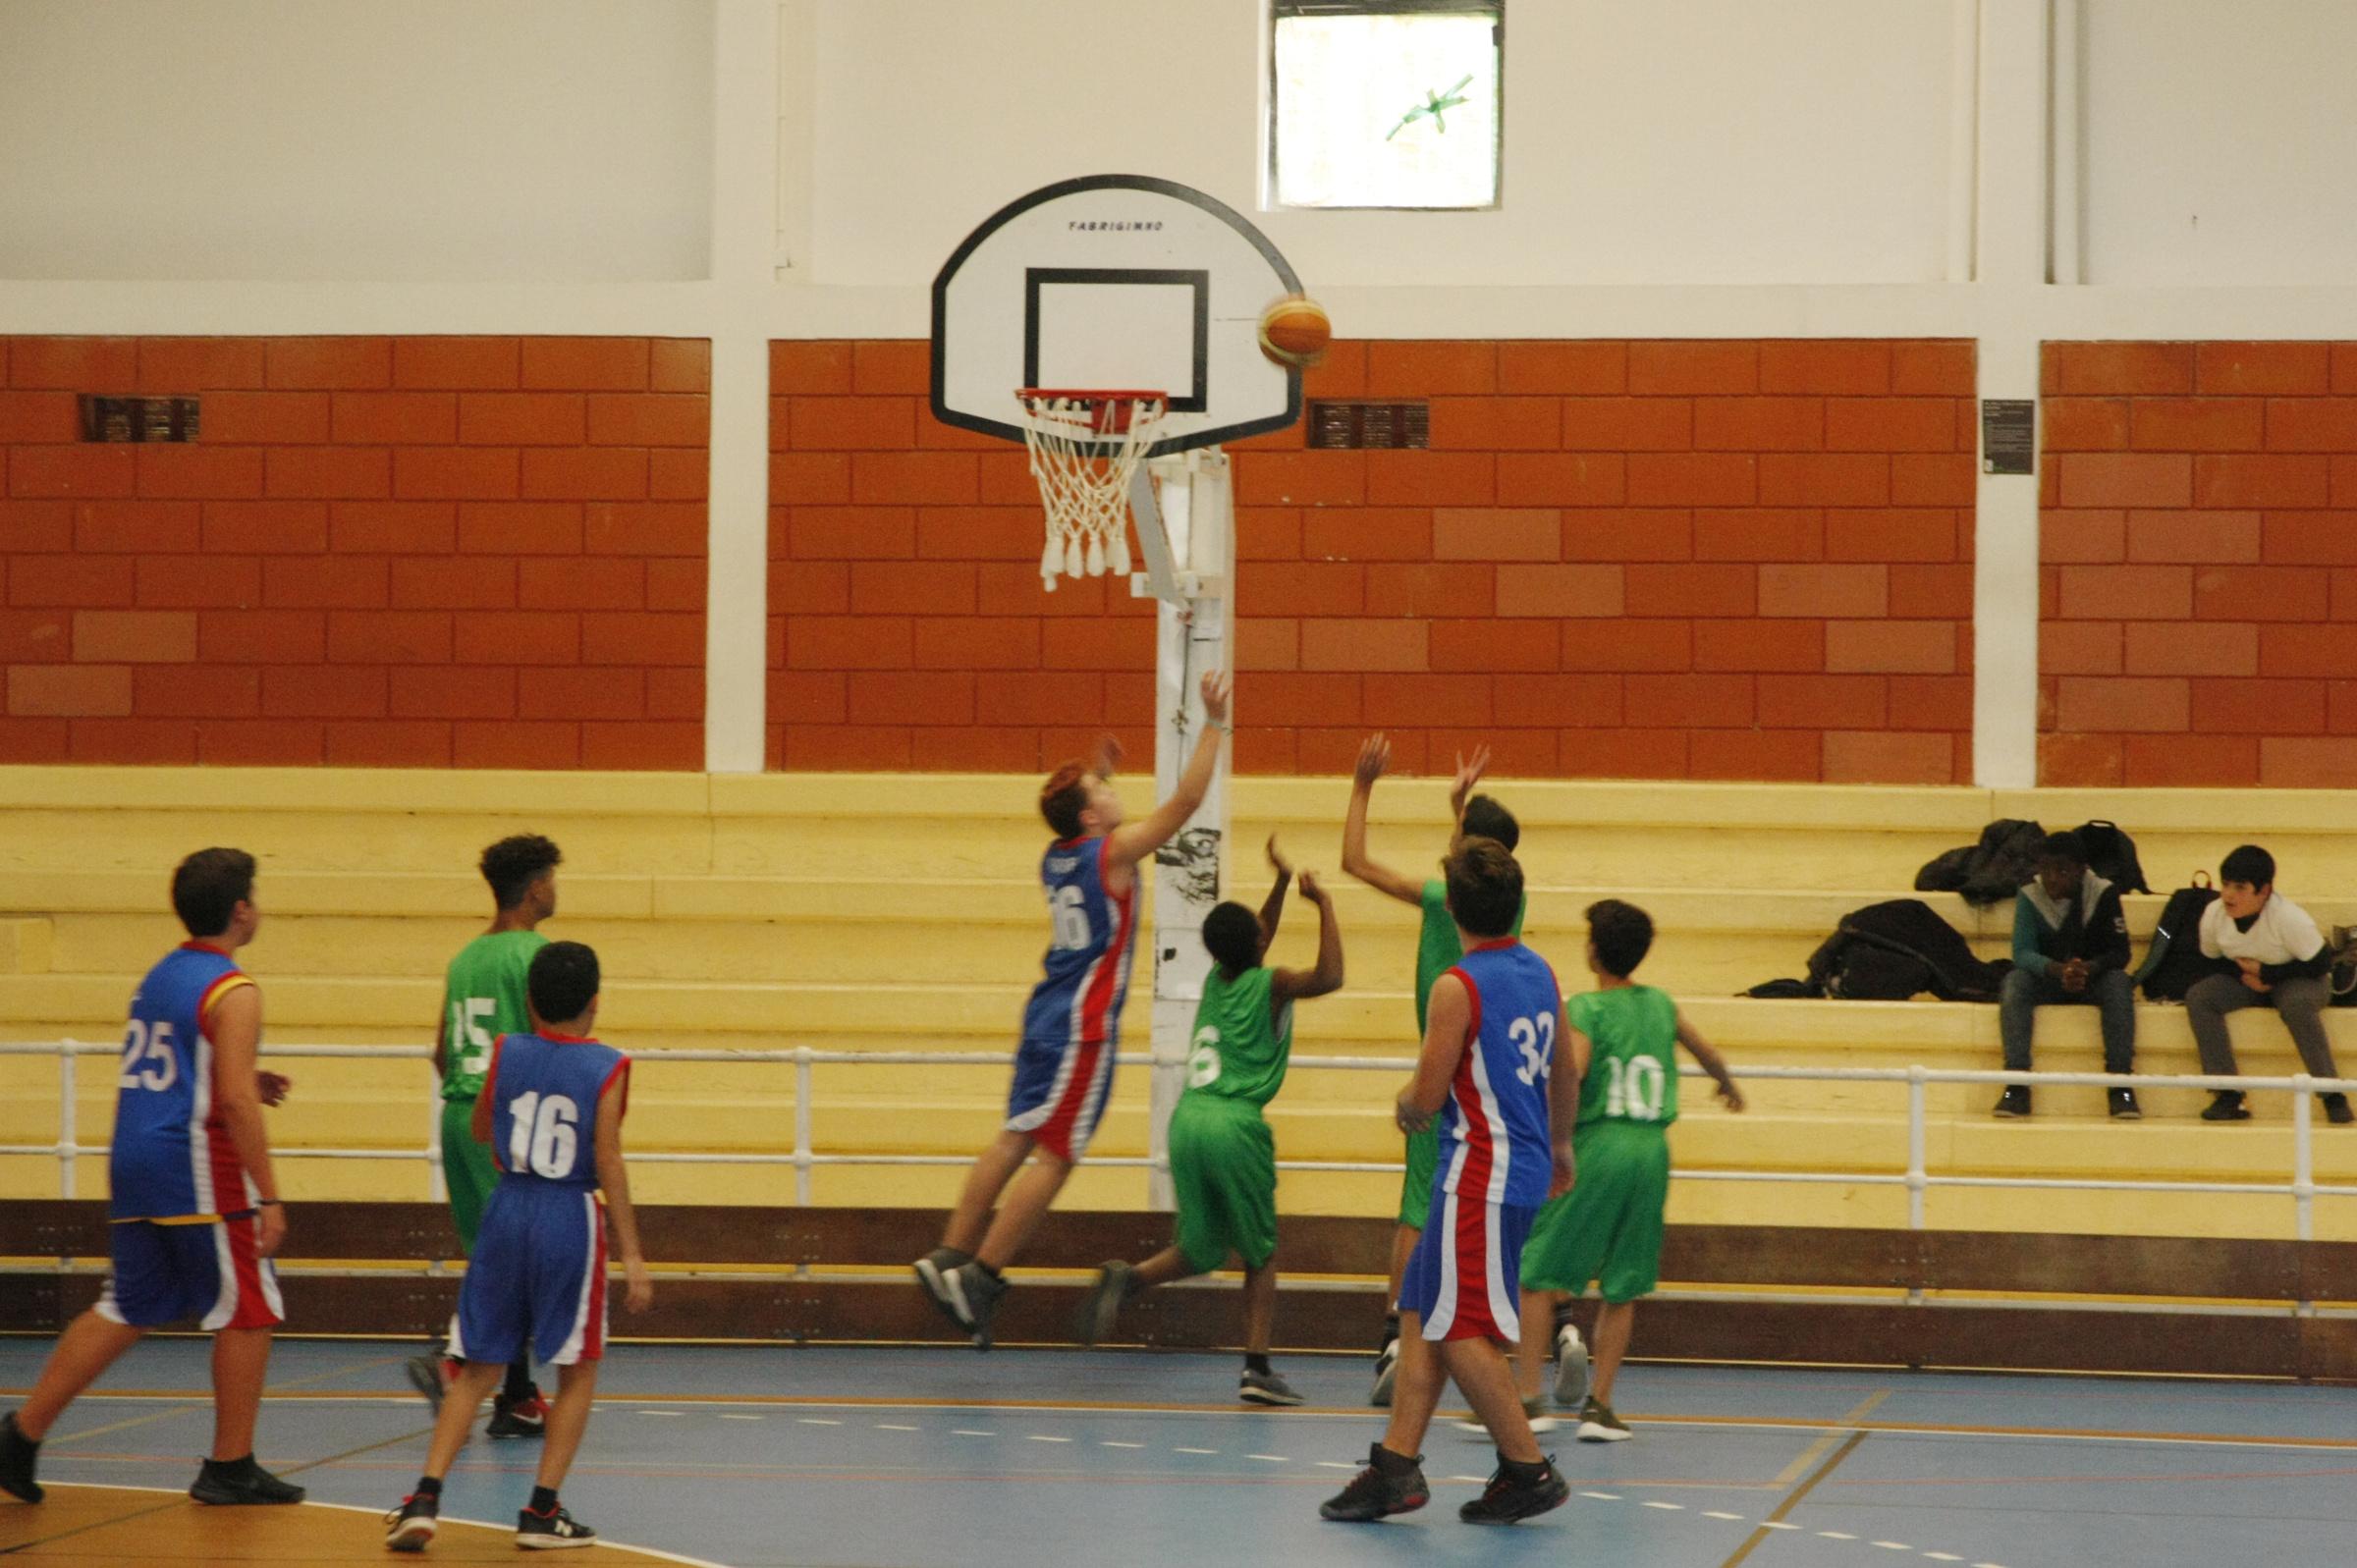 Torneio de abertura do Desporto Escolar no pavilhão desportivo da escola sede | Fotografia AEAR Comunicacao